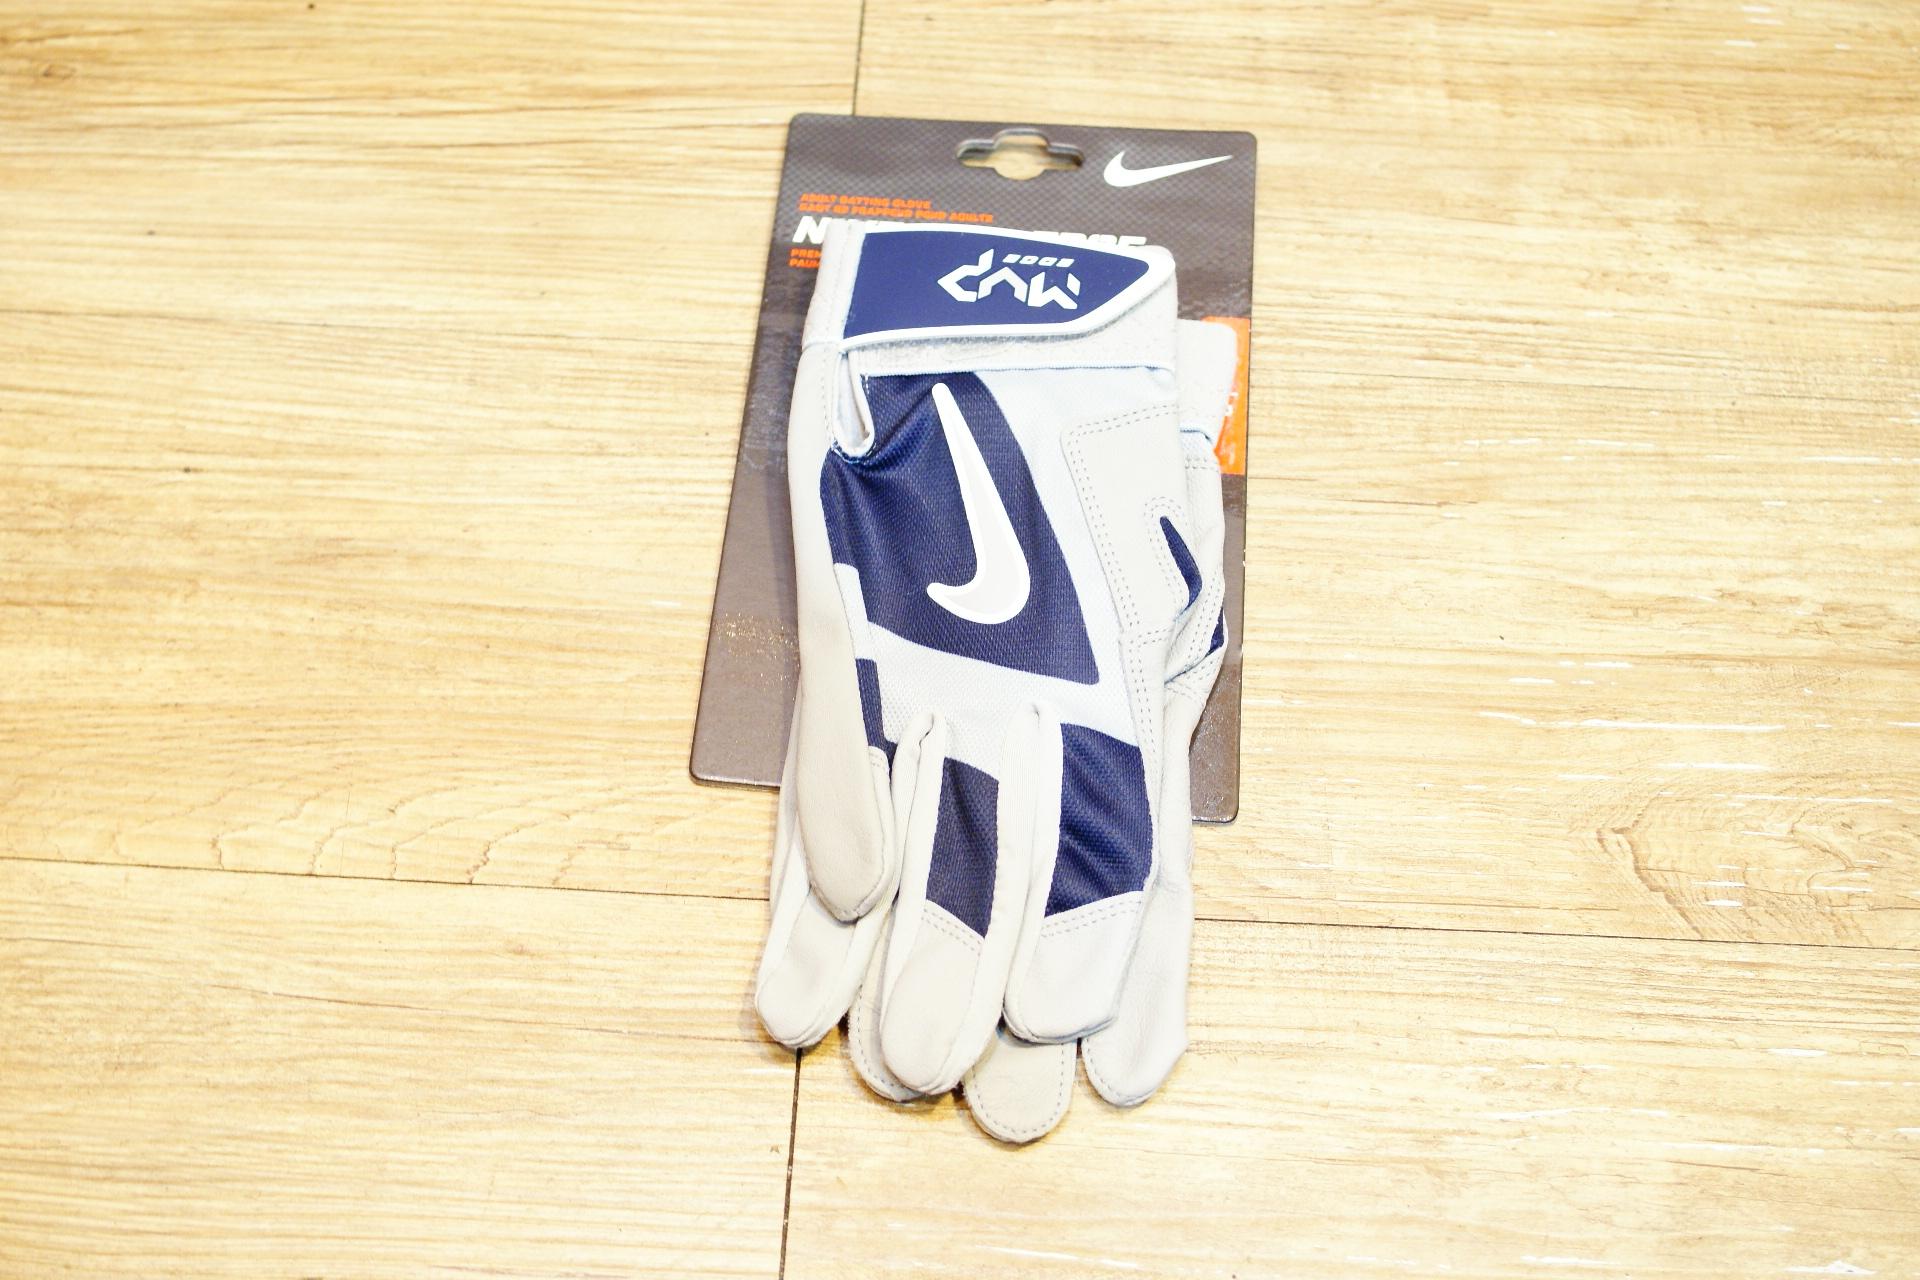 棒球世界全新NIKE MVP EDGE 打擊手套 特價 灰深藍配色